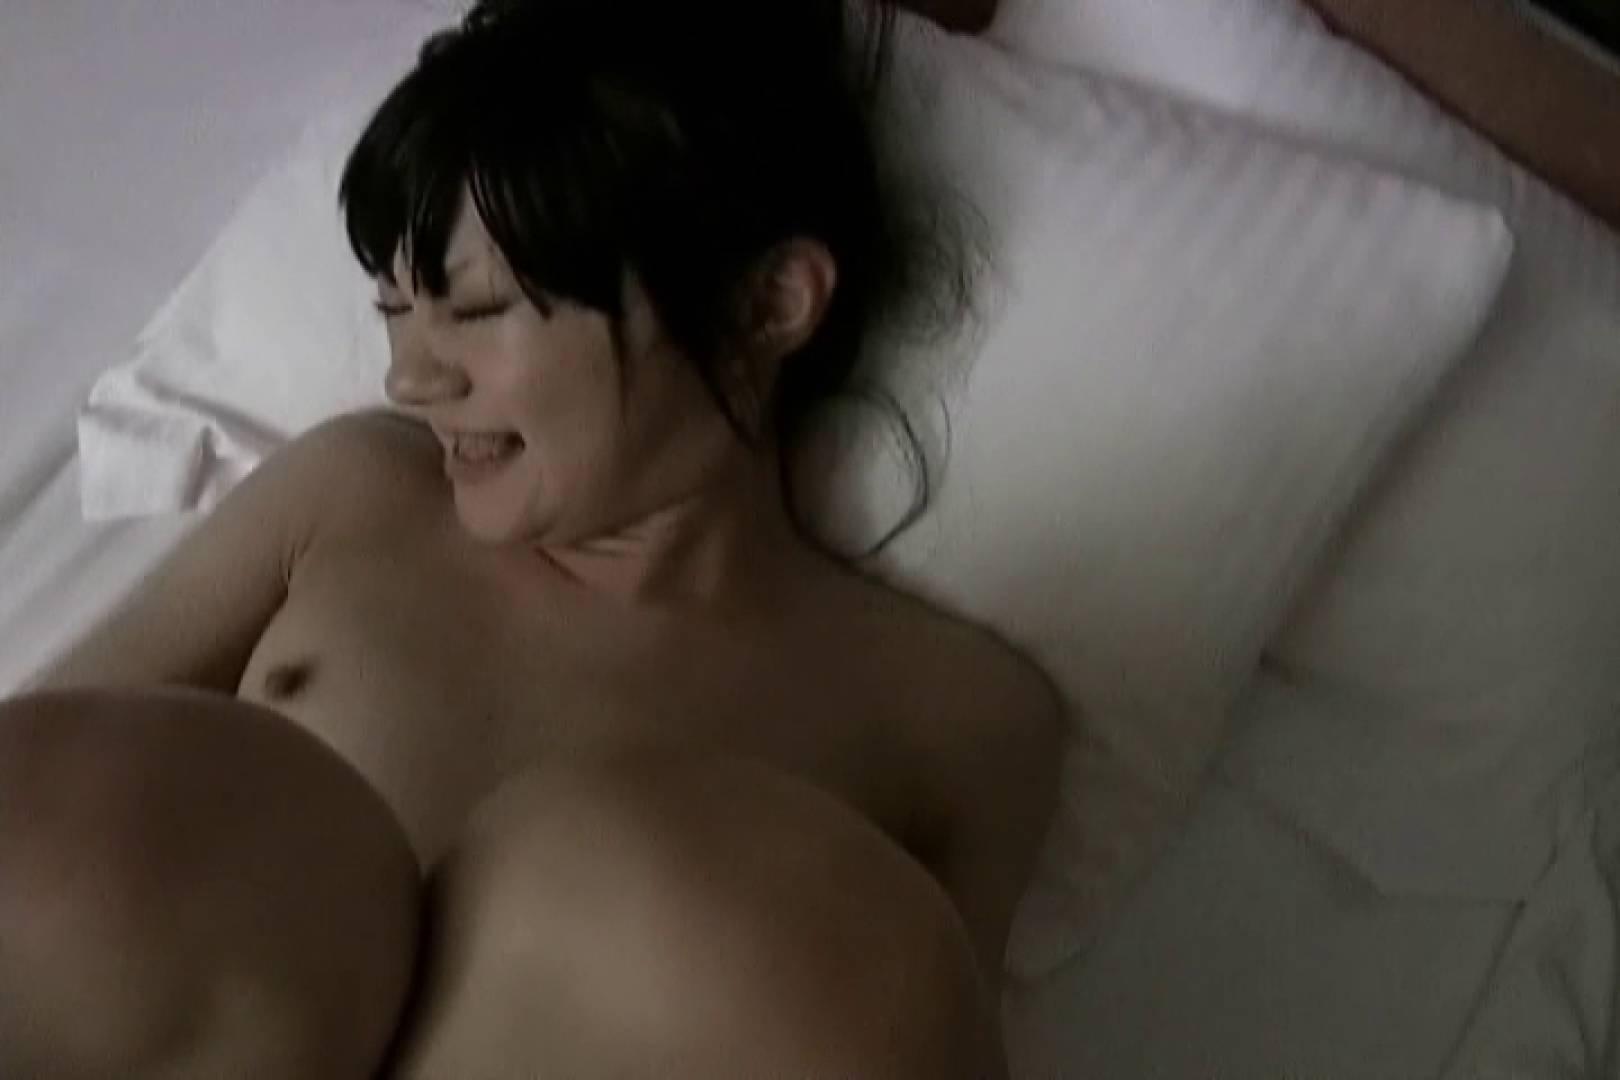 ハイビジョンパンチラ オッテQさんの追跡パンチラ制服女子編Vol.02 追跡 | 制服ガール  84pic 31